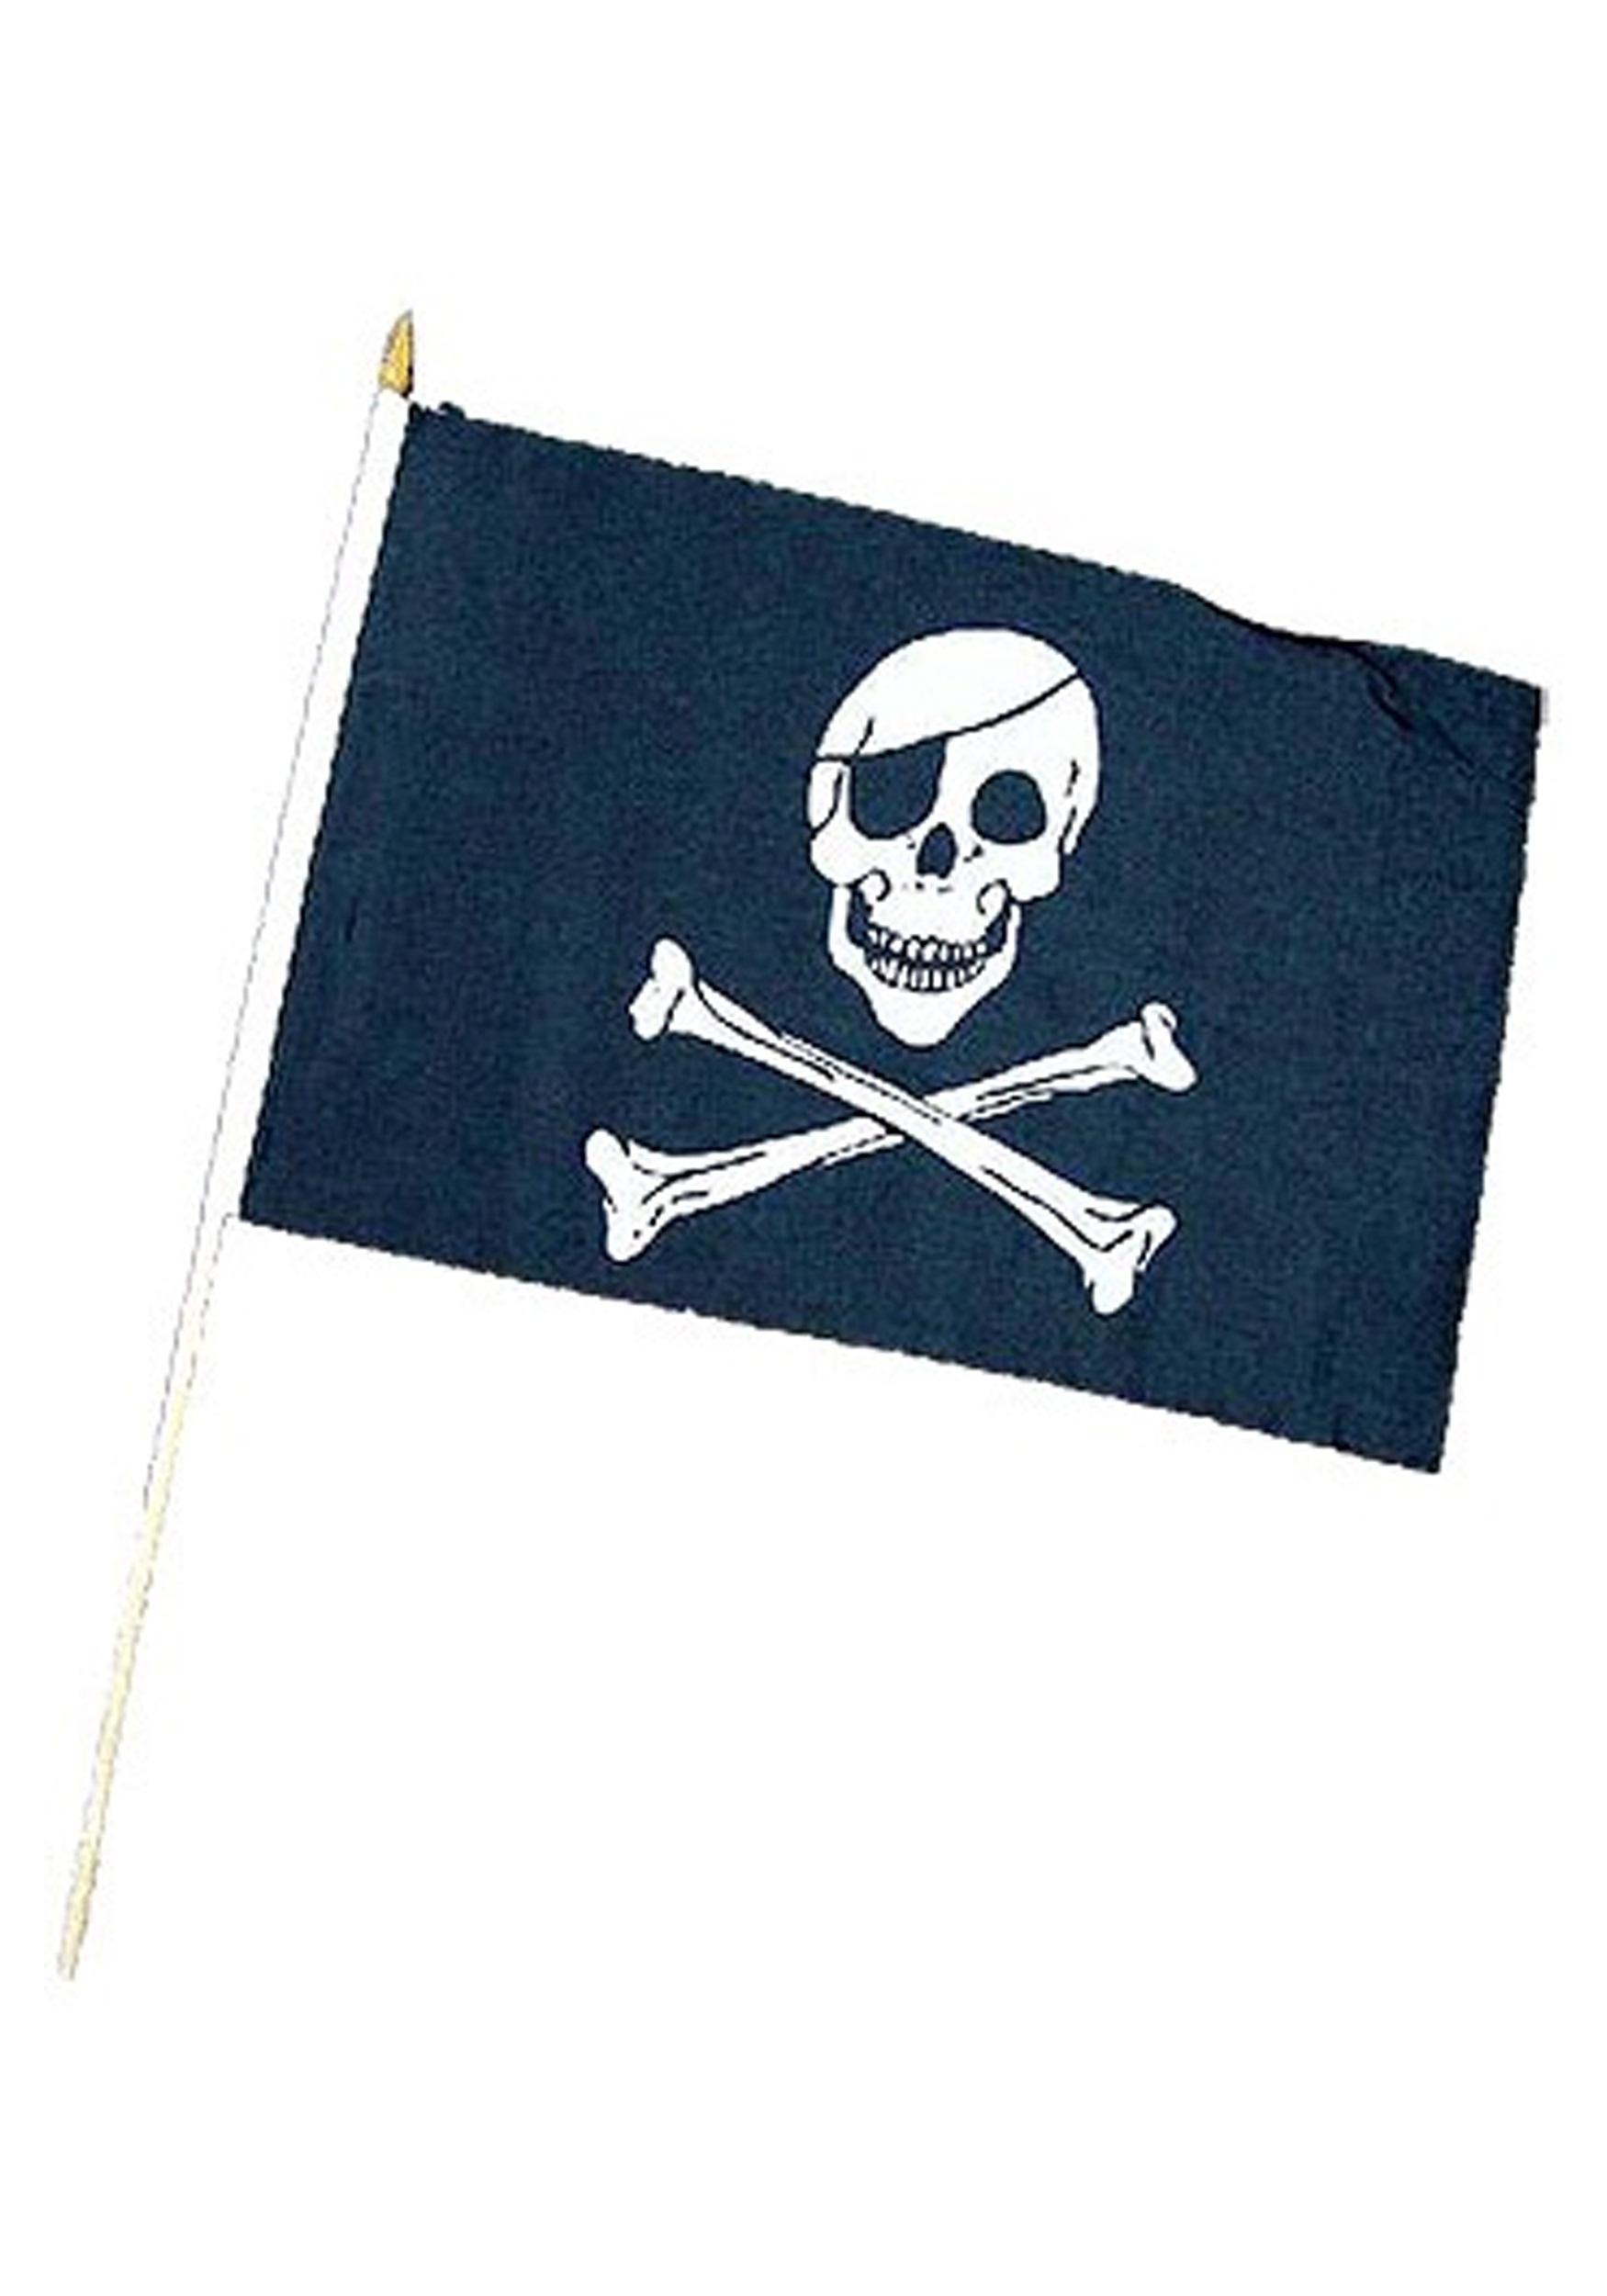 skull crossbones pirate flag